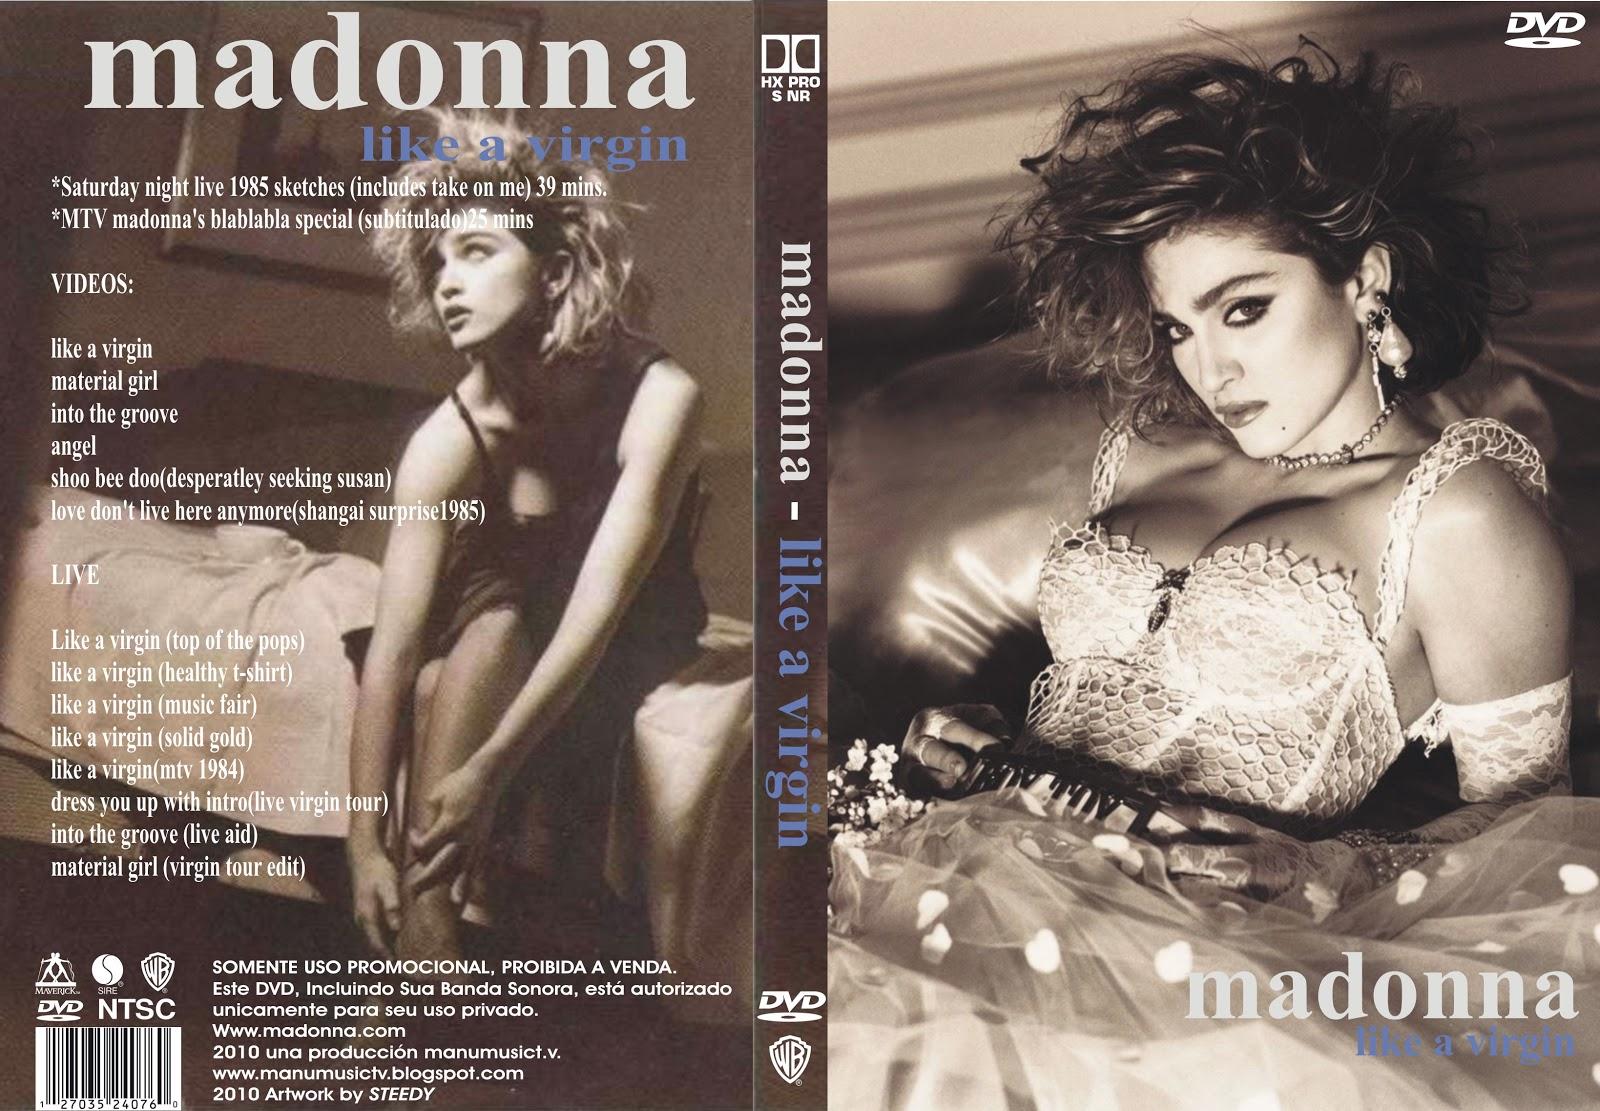 http://4.bp.blogspot.com/-rMrljUBdCLQ/TeCn5welpeI/AAAAAAAAAPs/1XtVjDsJ3bM/s1600/MADONNA+-+LIKE+A+VIRGIN+%2528COVER+DVD%2529.jpg